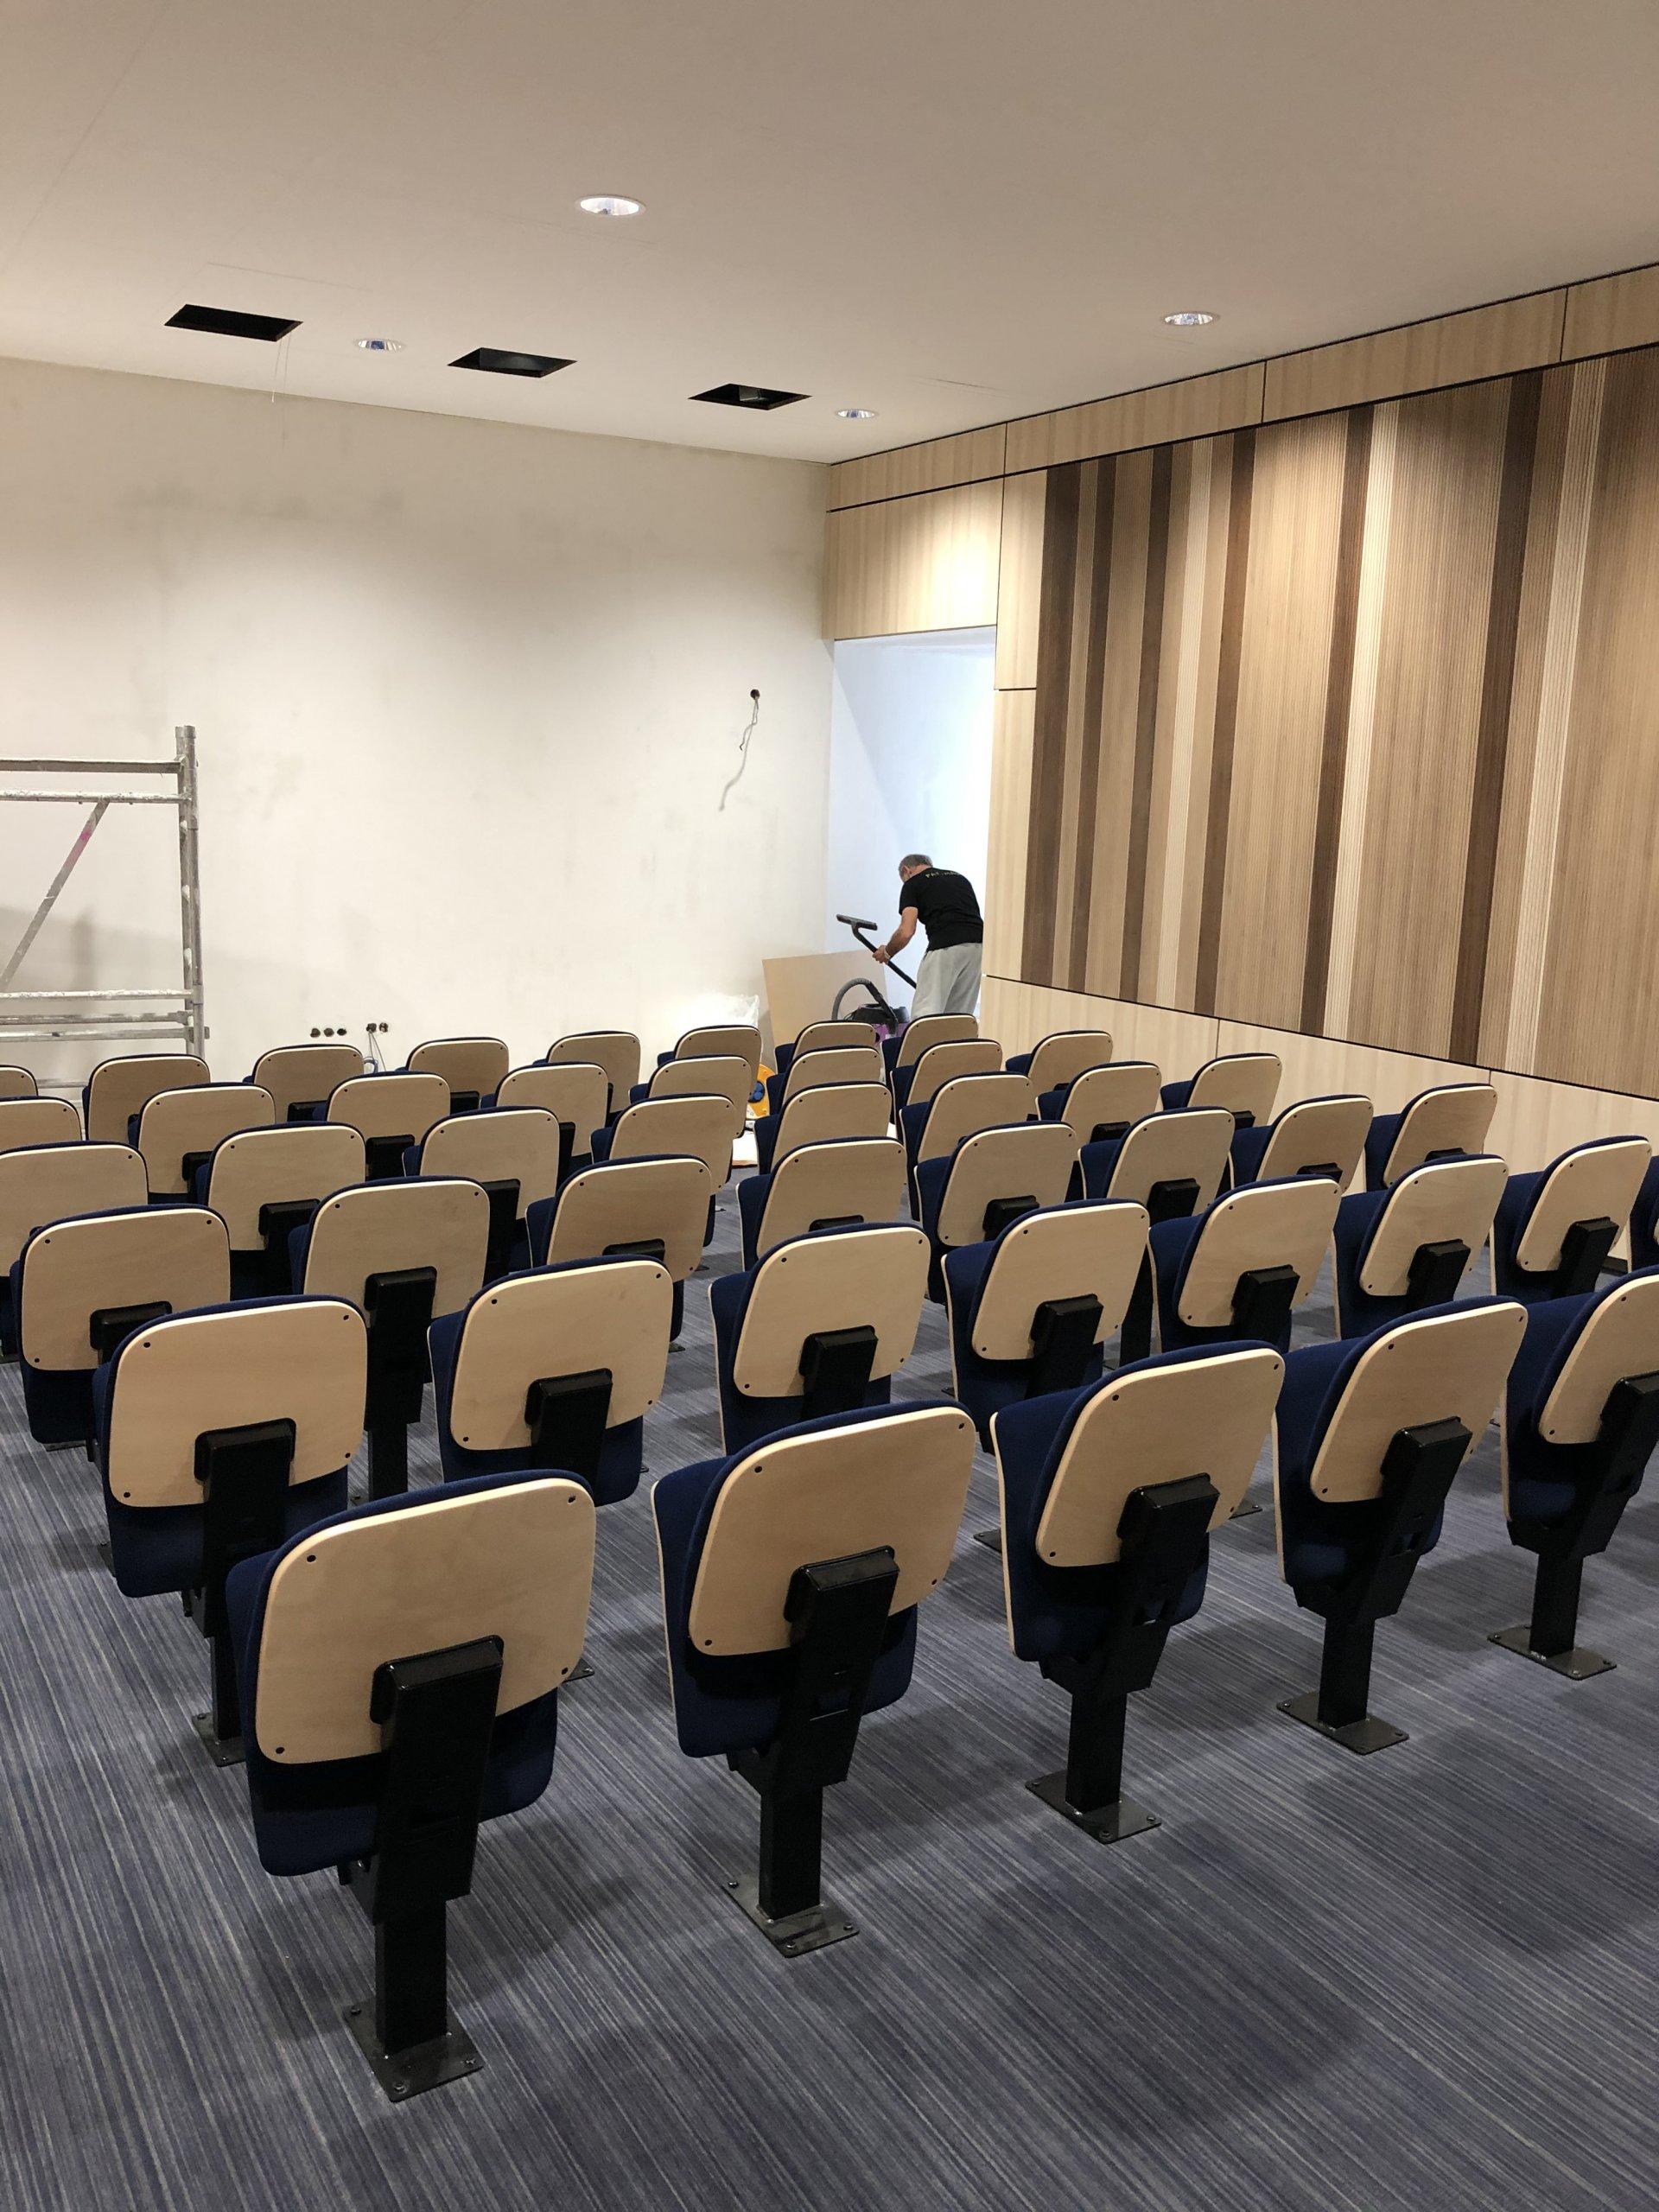 Kleslo - fauteuil Atrium Wingen sur moder - Leader de fabrication de fauteuils cinéma, théâtre ... fauteuil amphitheatre Ic v3